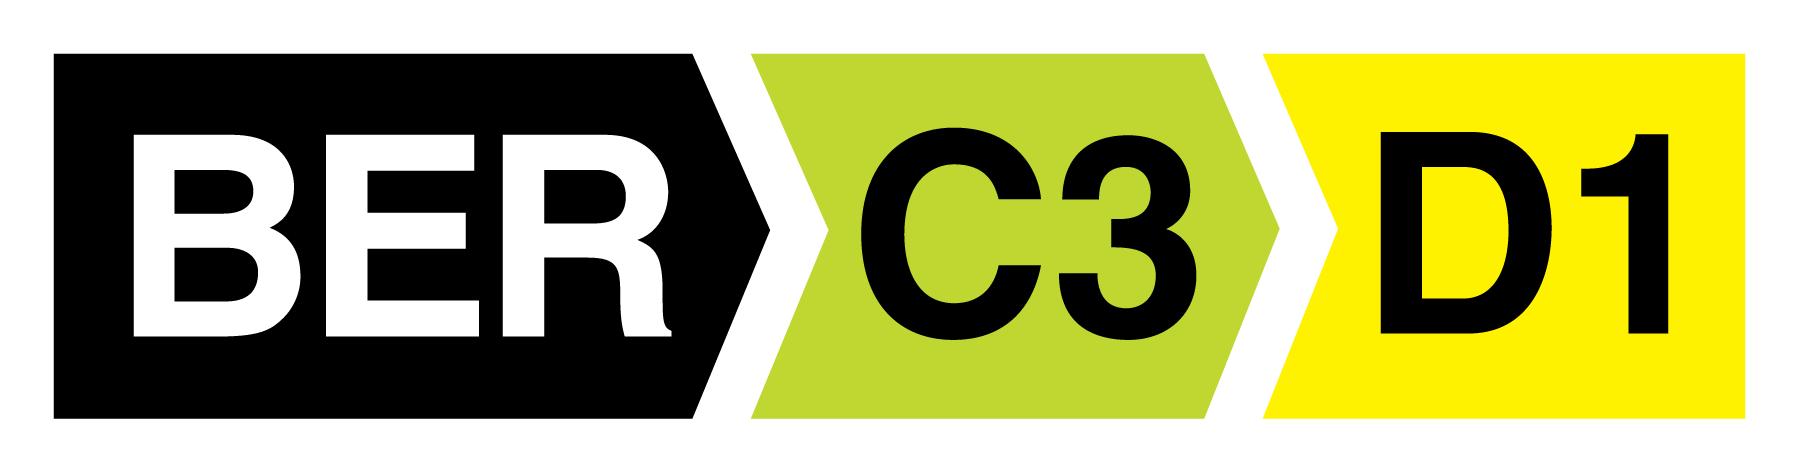 C3 > D1